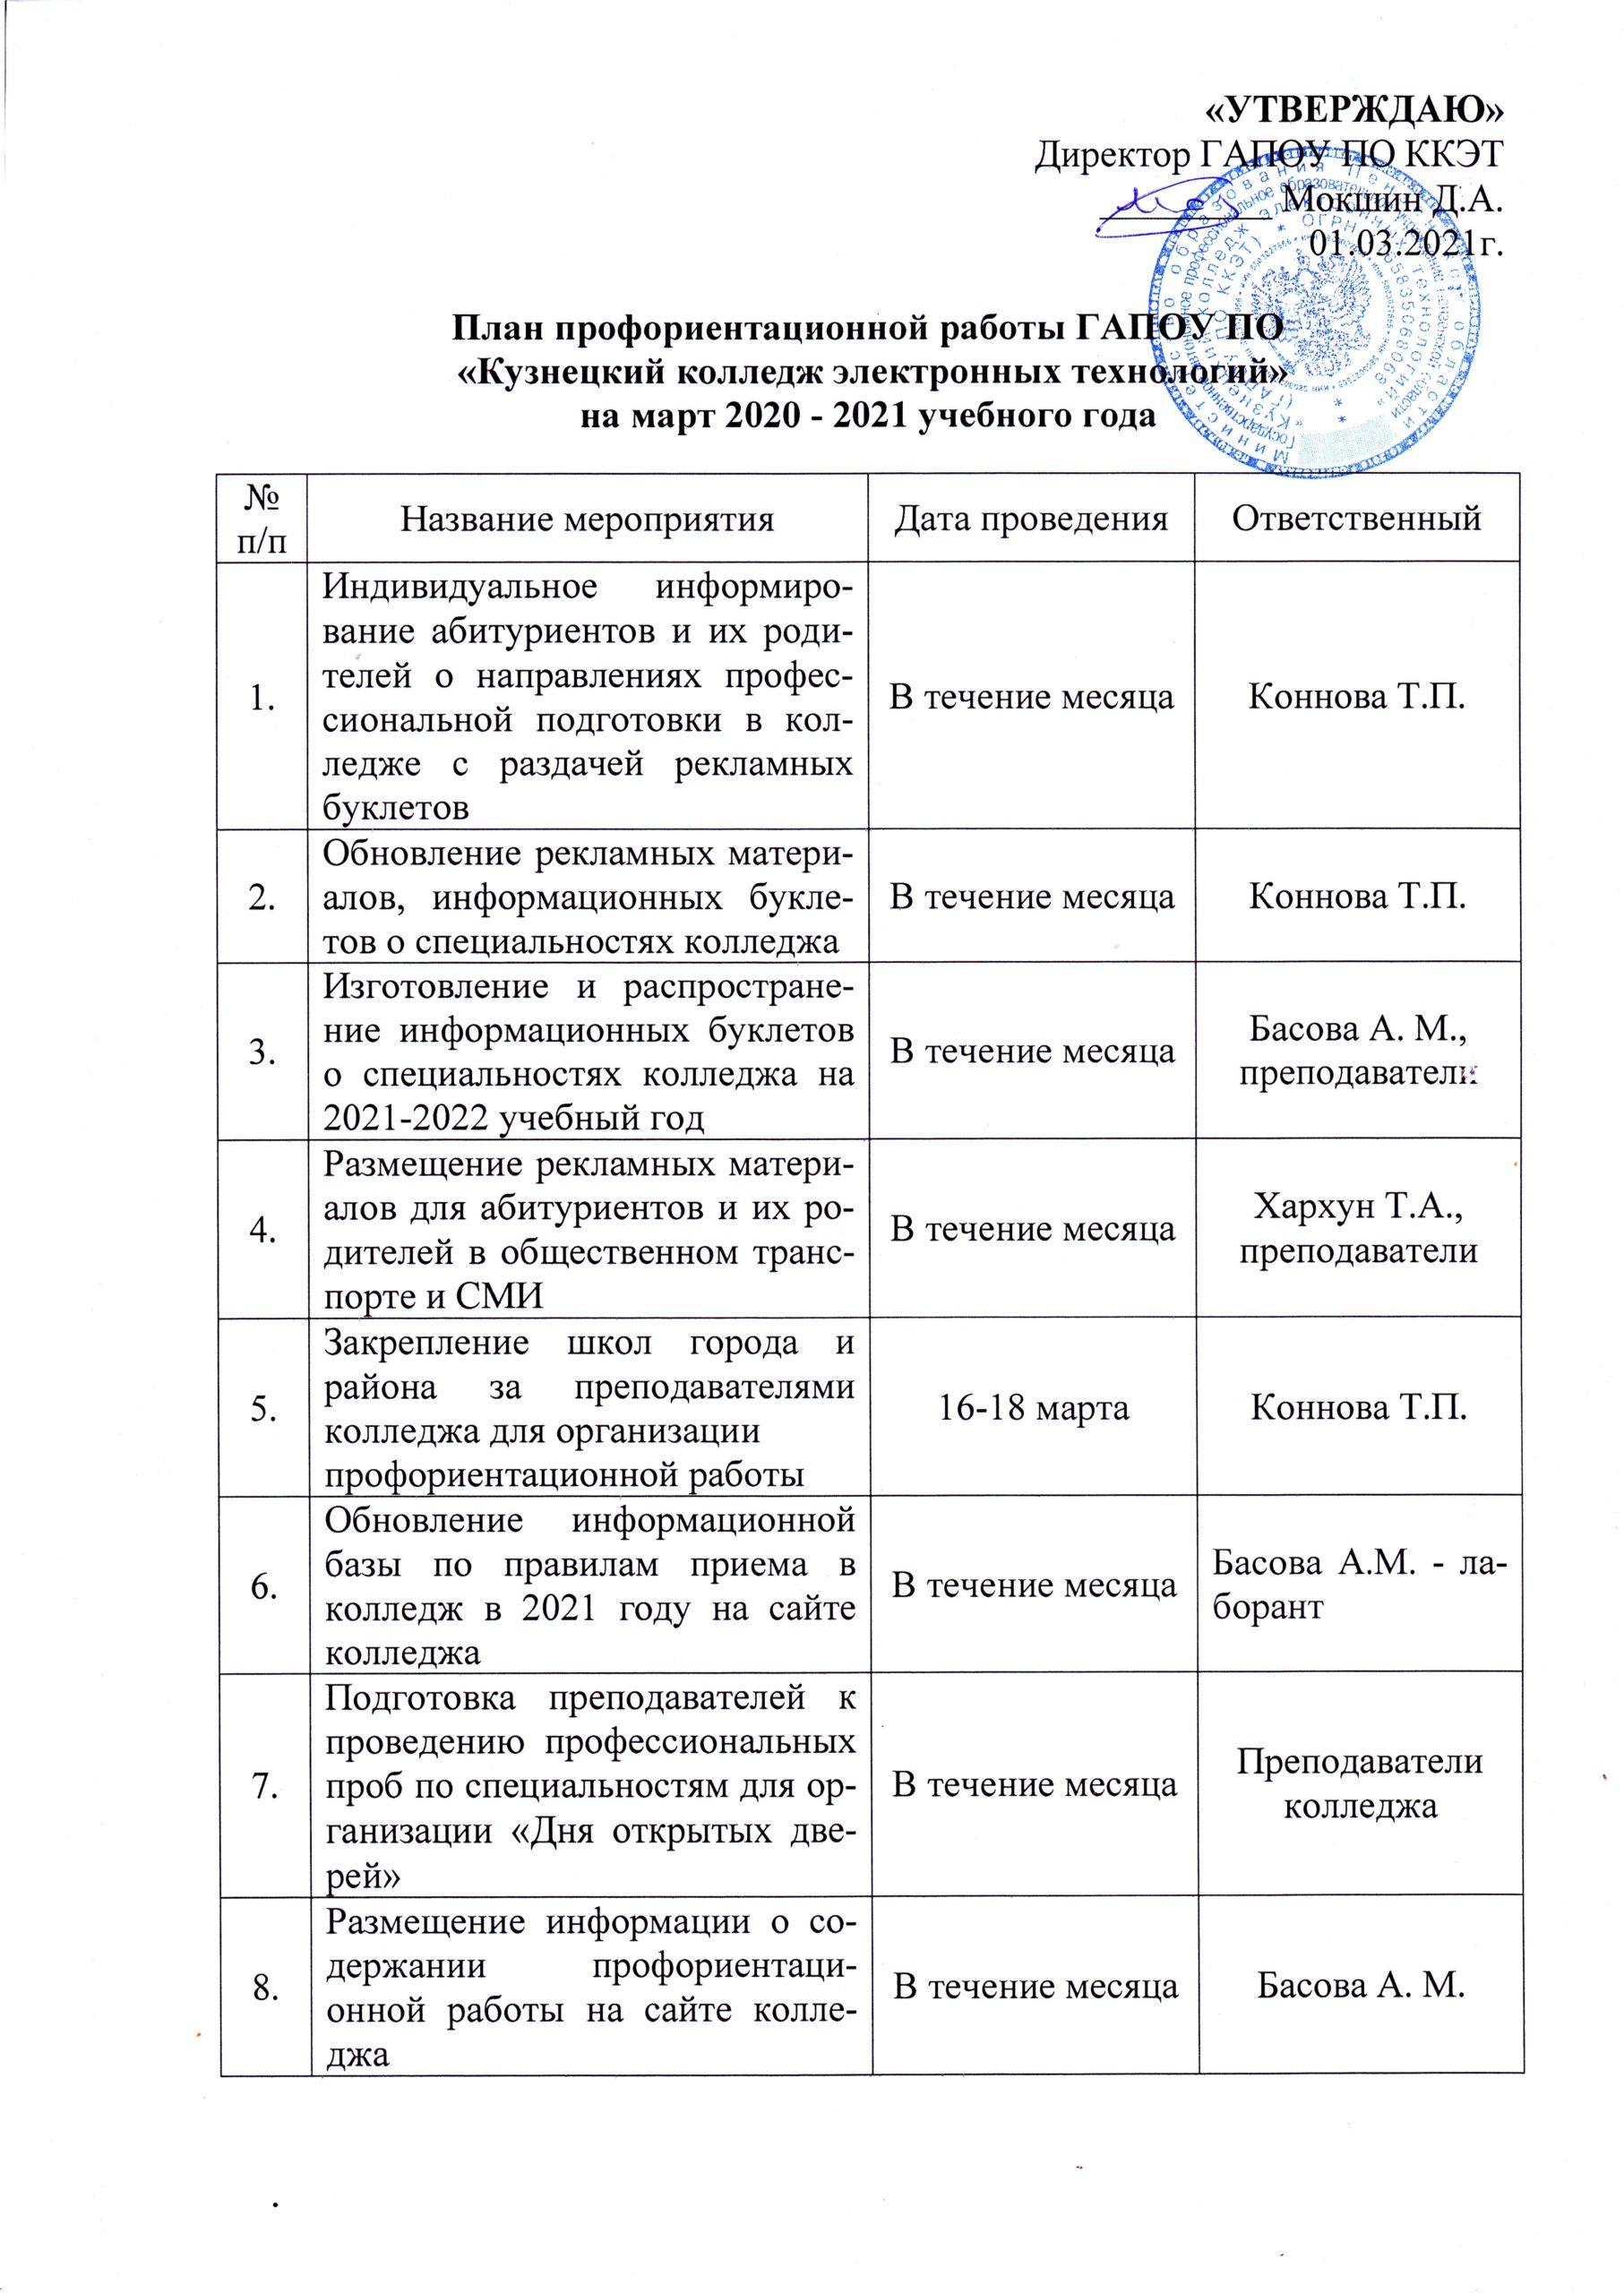 План профориентационной работы на март 2020-2021 года